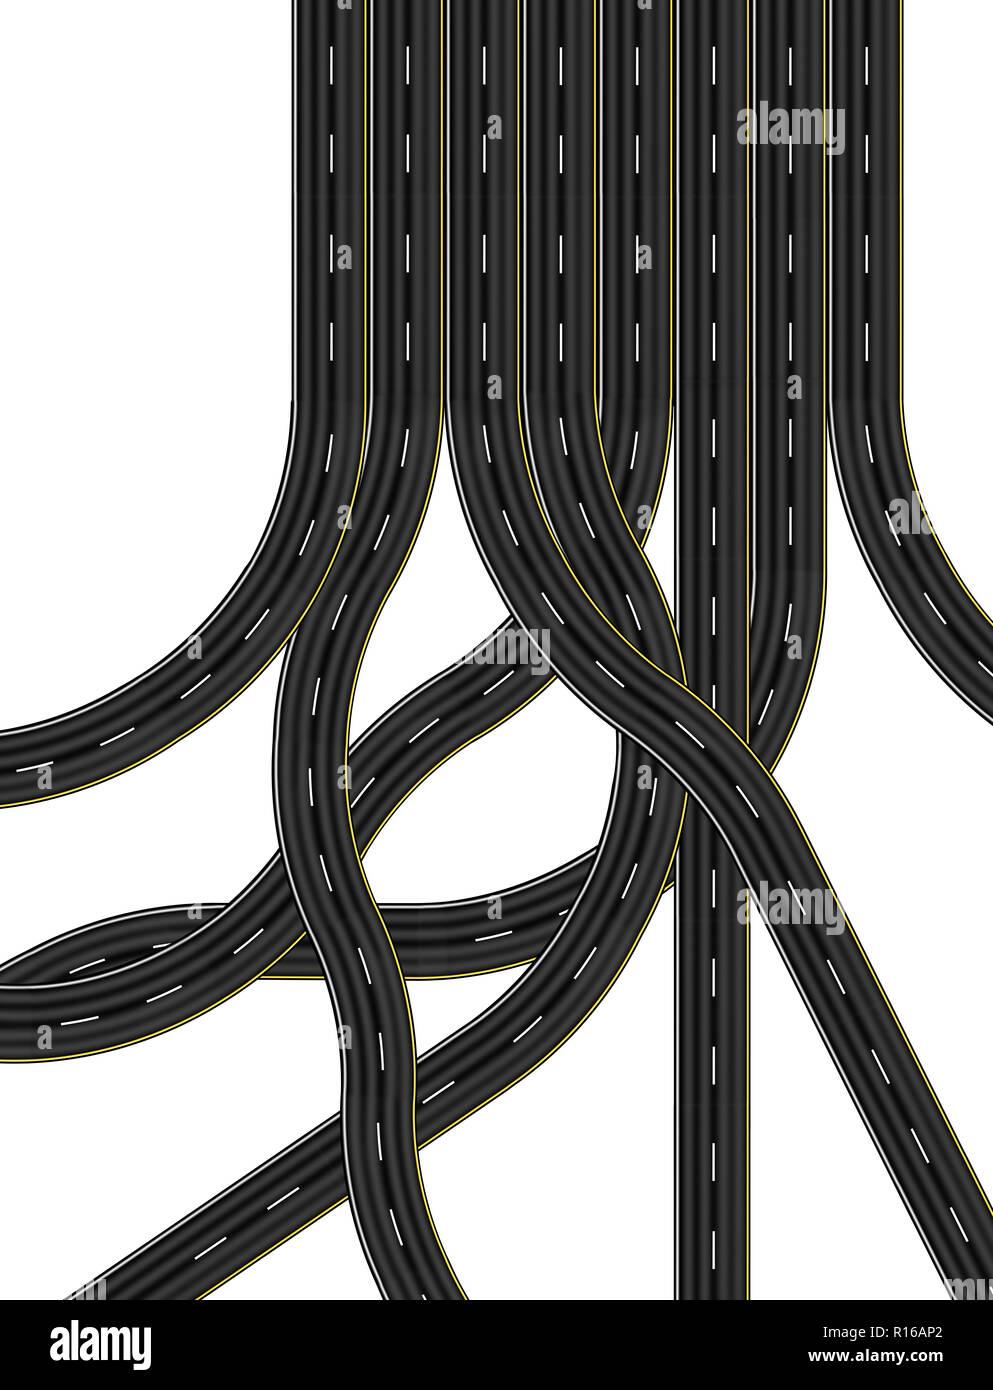 Kreuzungen und Straßen, die nach acht Lane Highway, digitale Bild, Ansicht von oben Stockbild